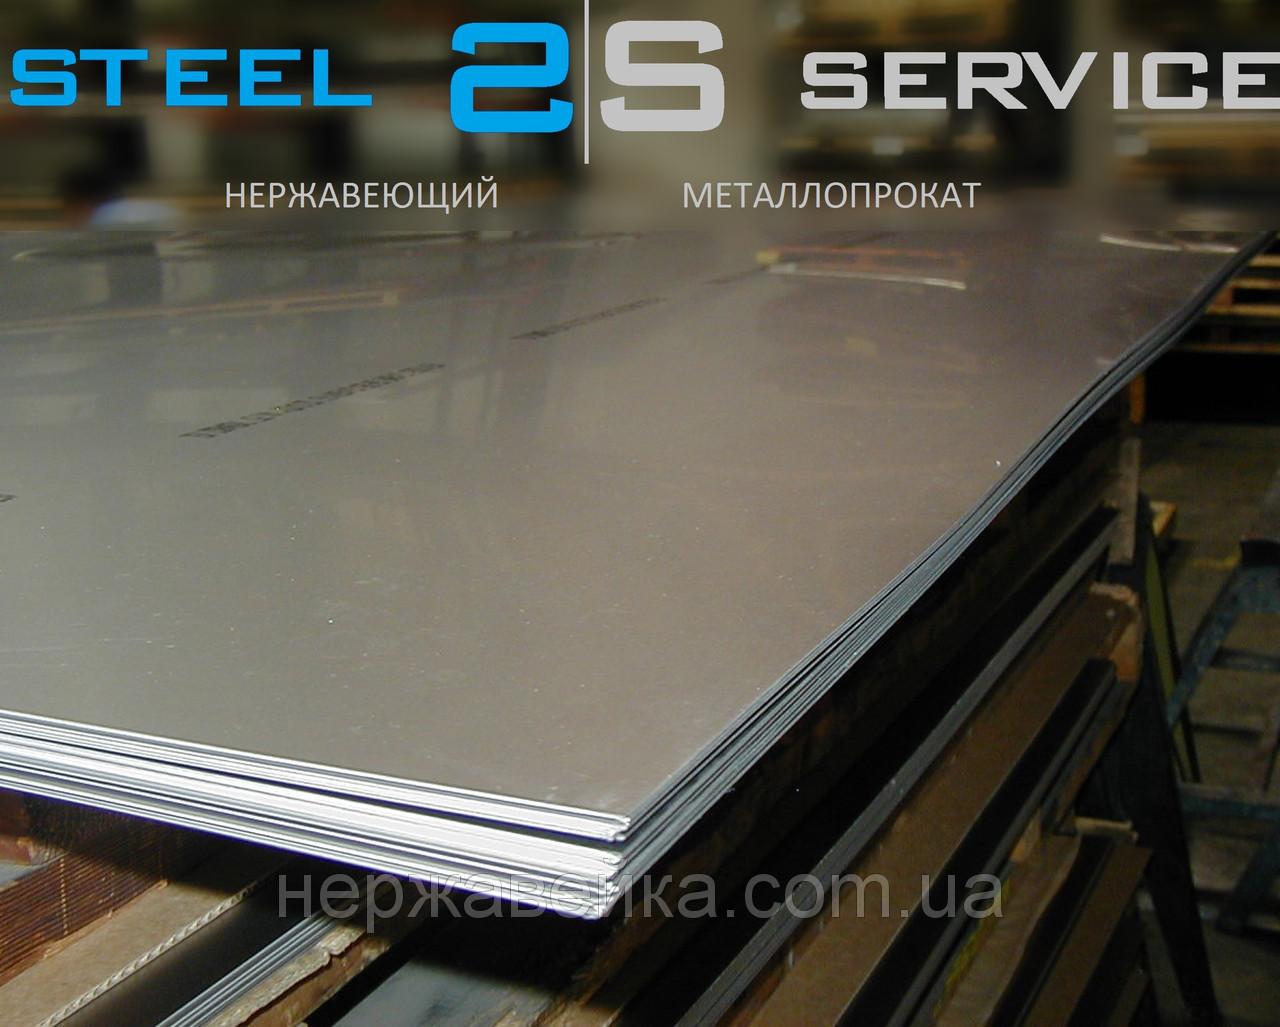 Нержавіючий лист 6х1500х6000мм AISI 430(12Х17) 2B - матовий, технічний